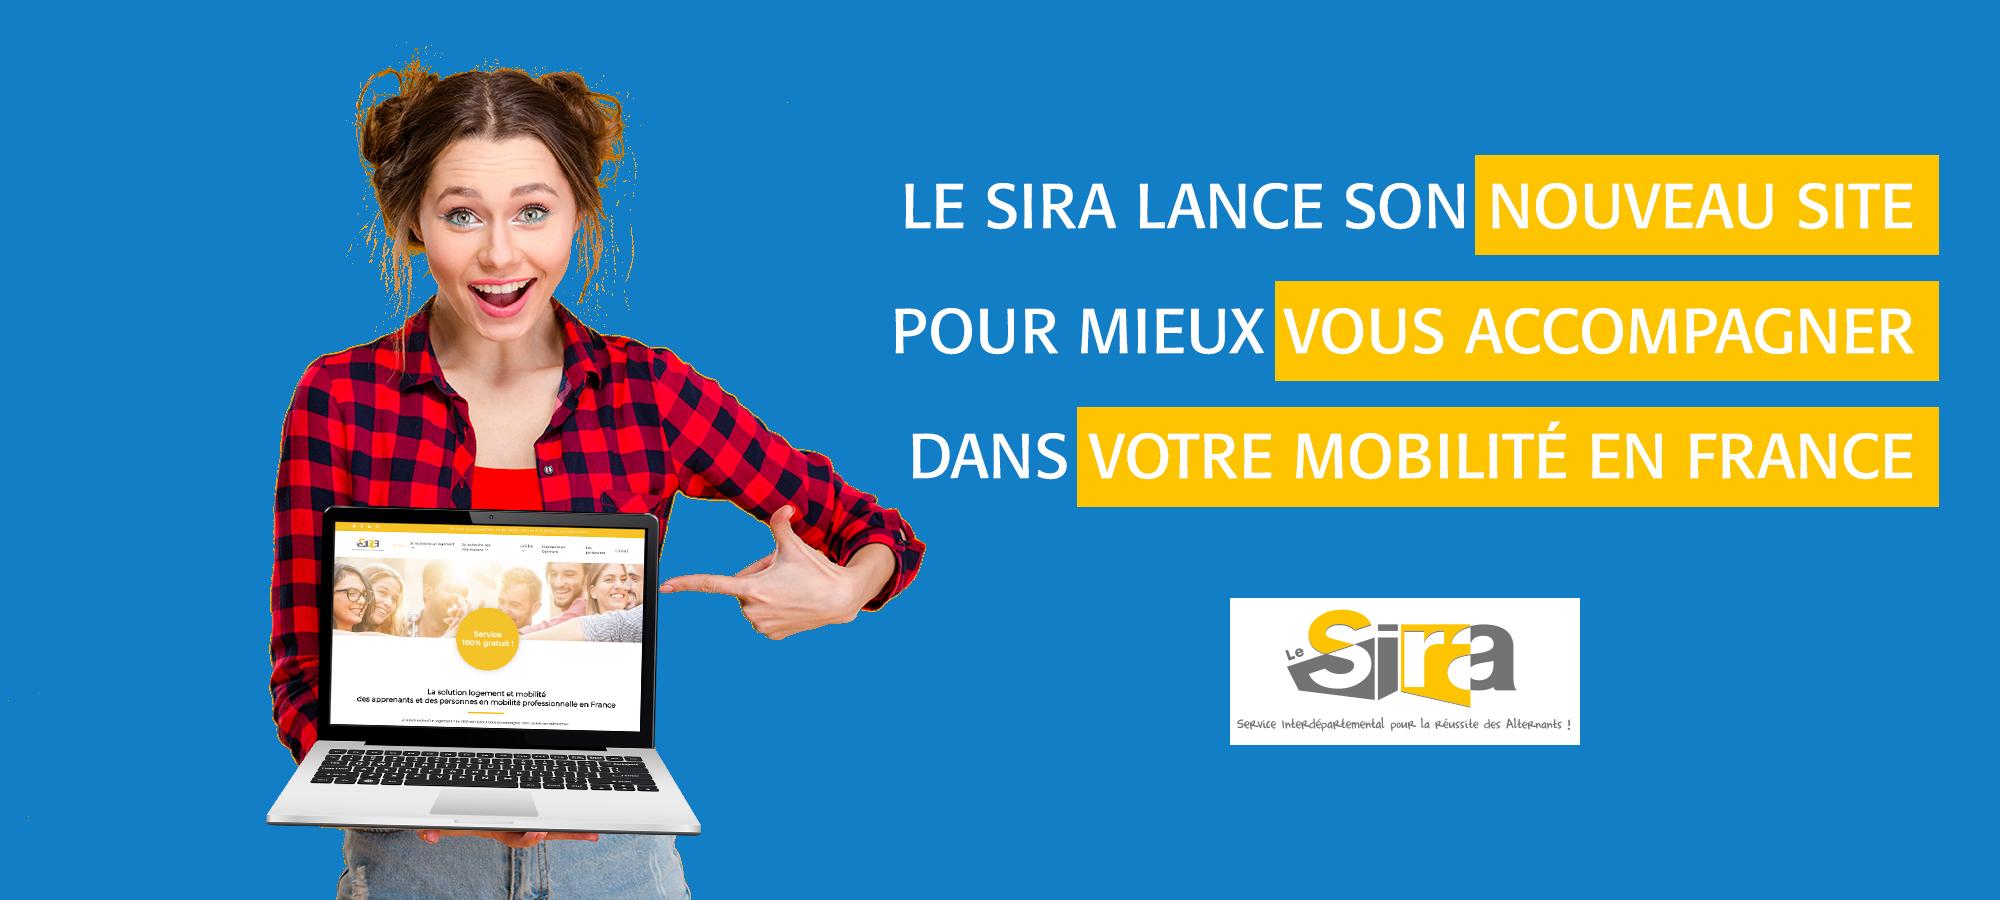 Nouveau site pour Le Sira